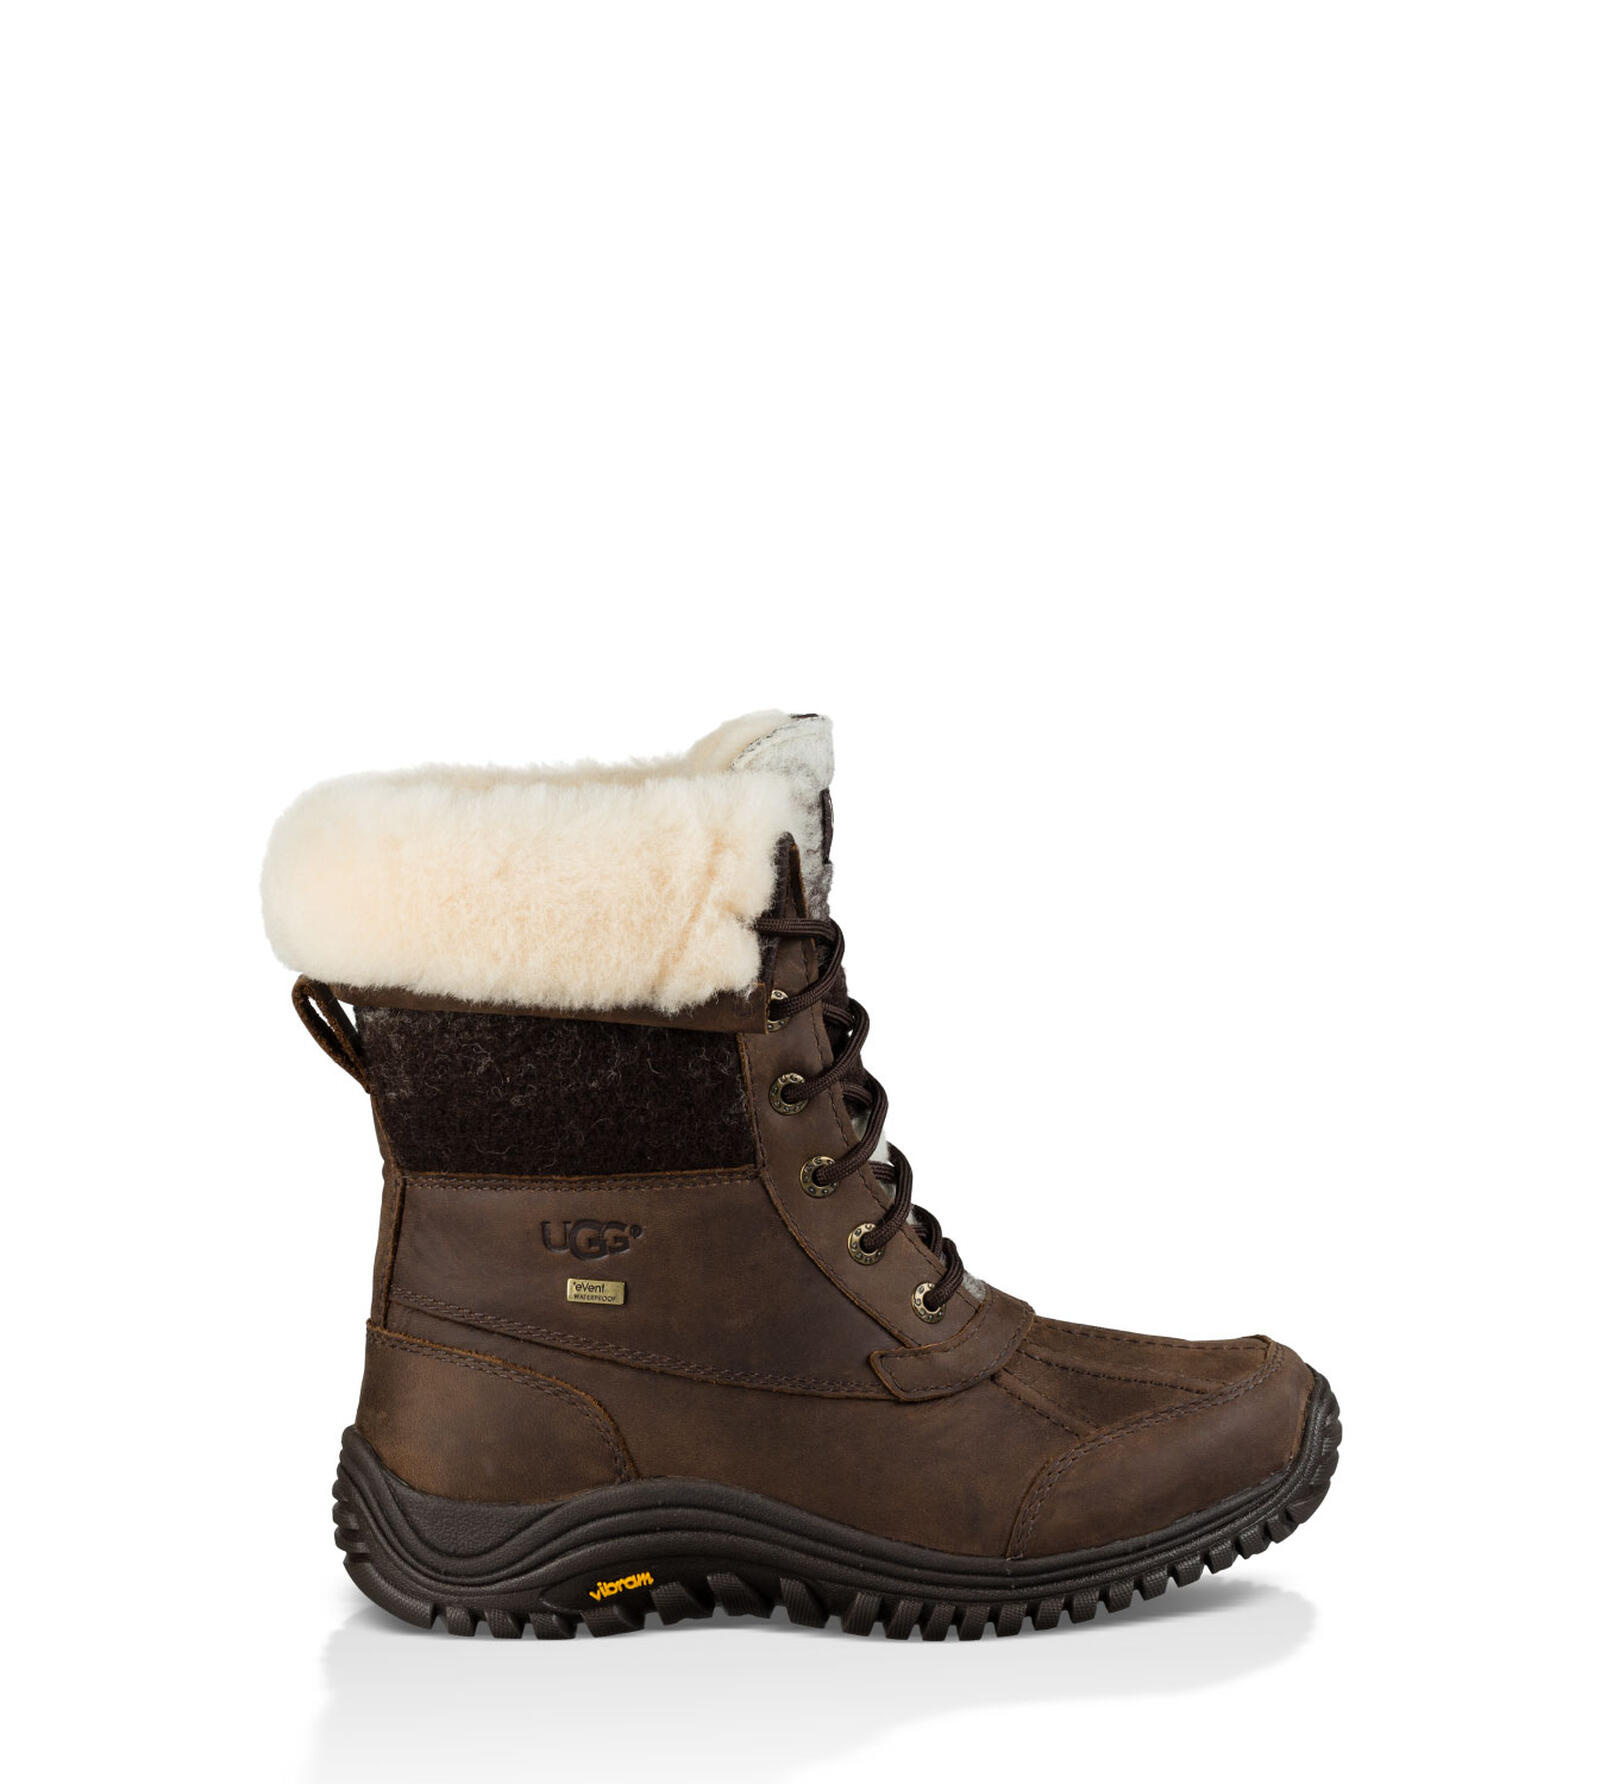 Adirondack II Boot